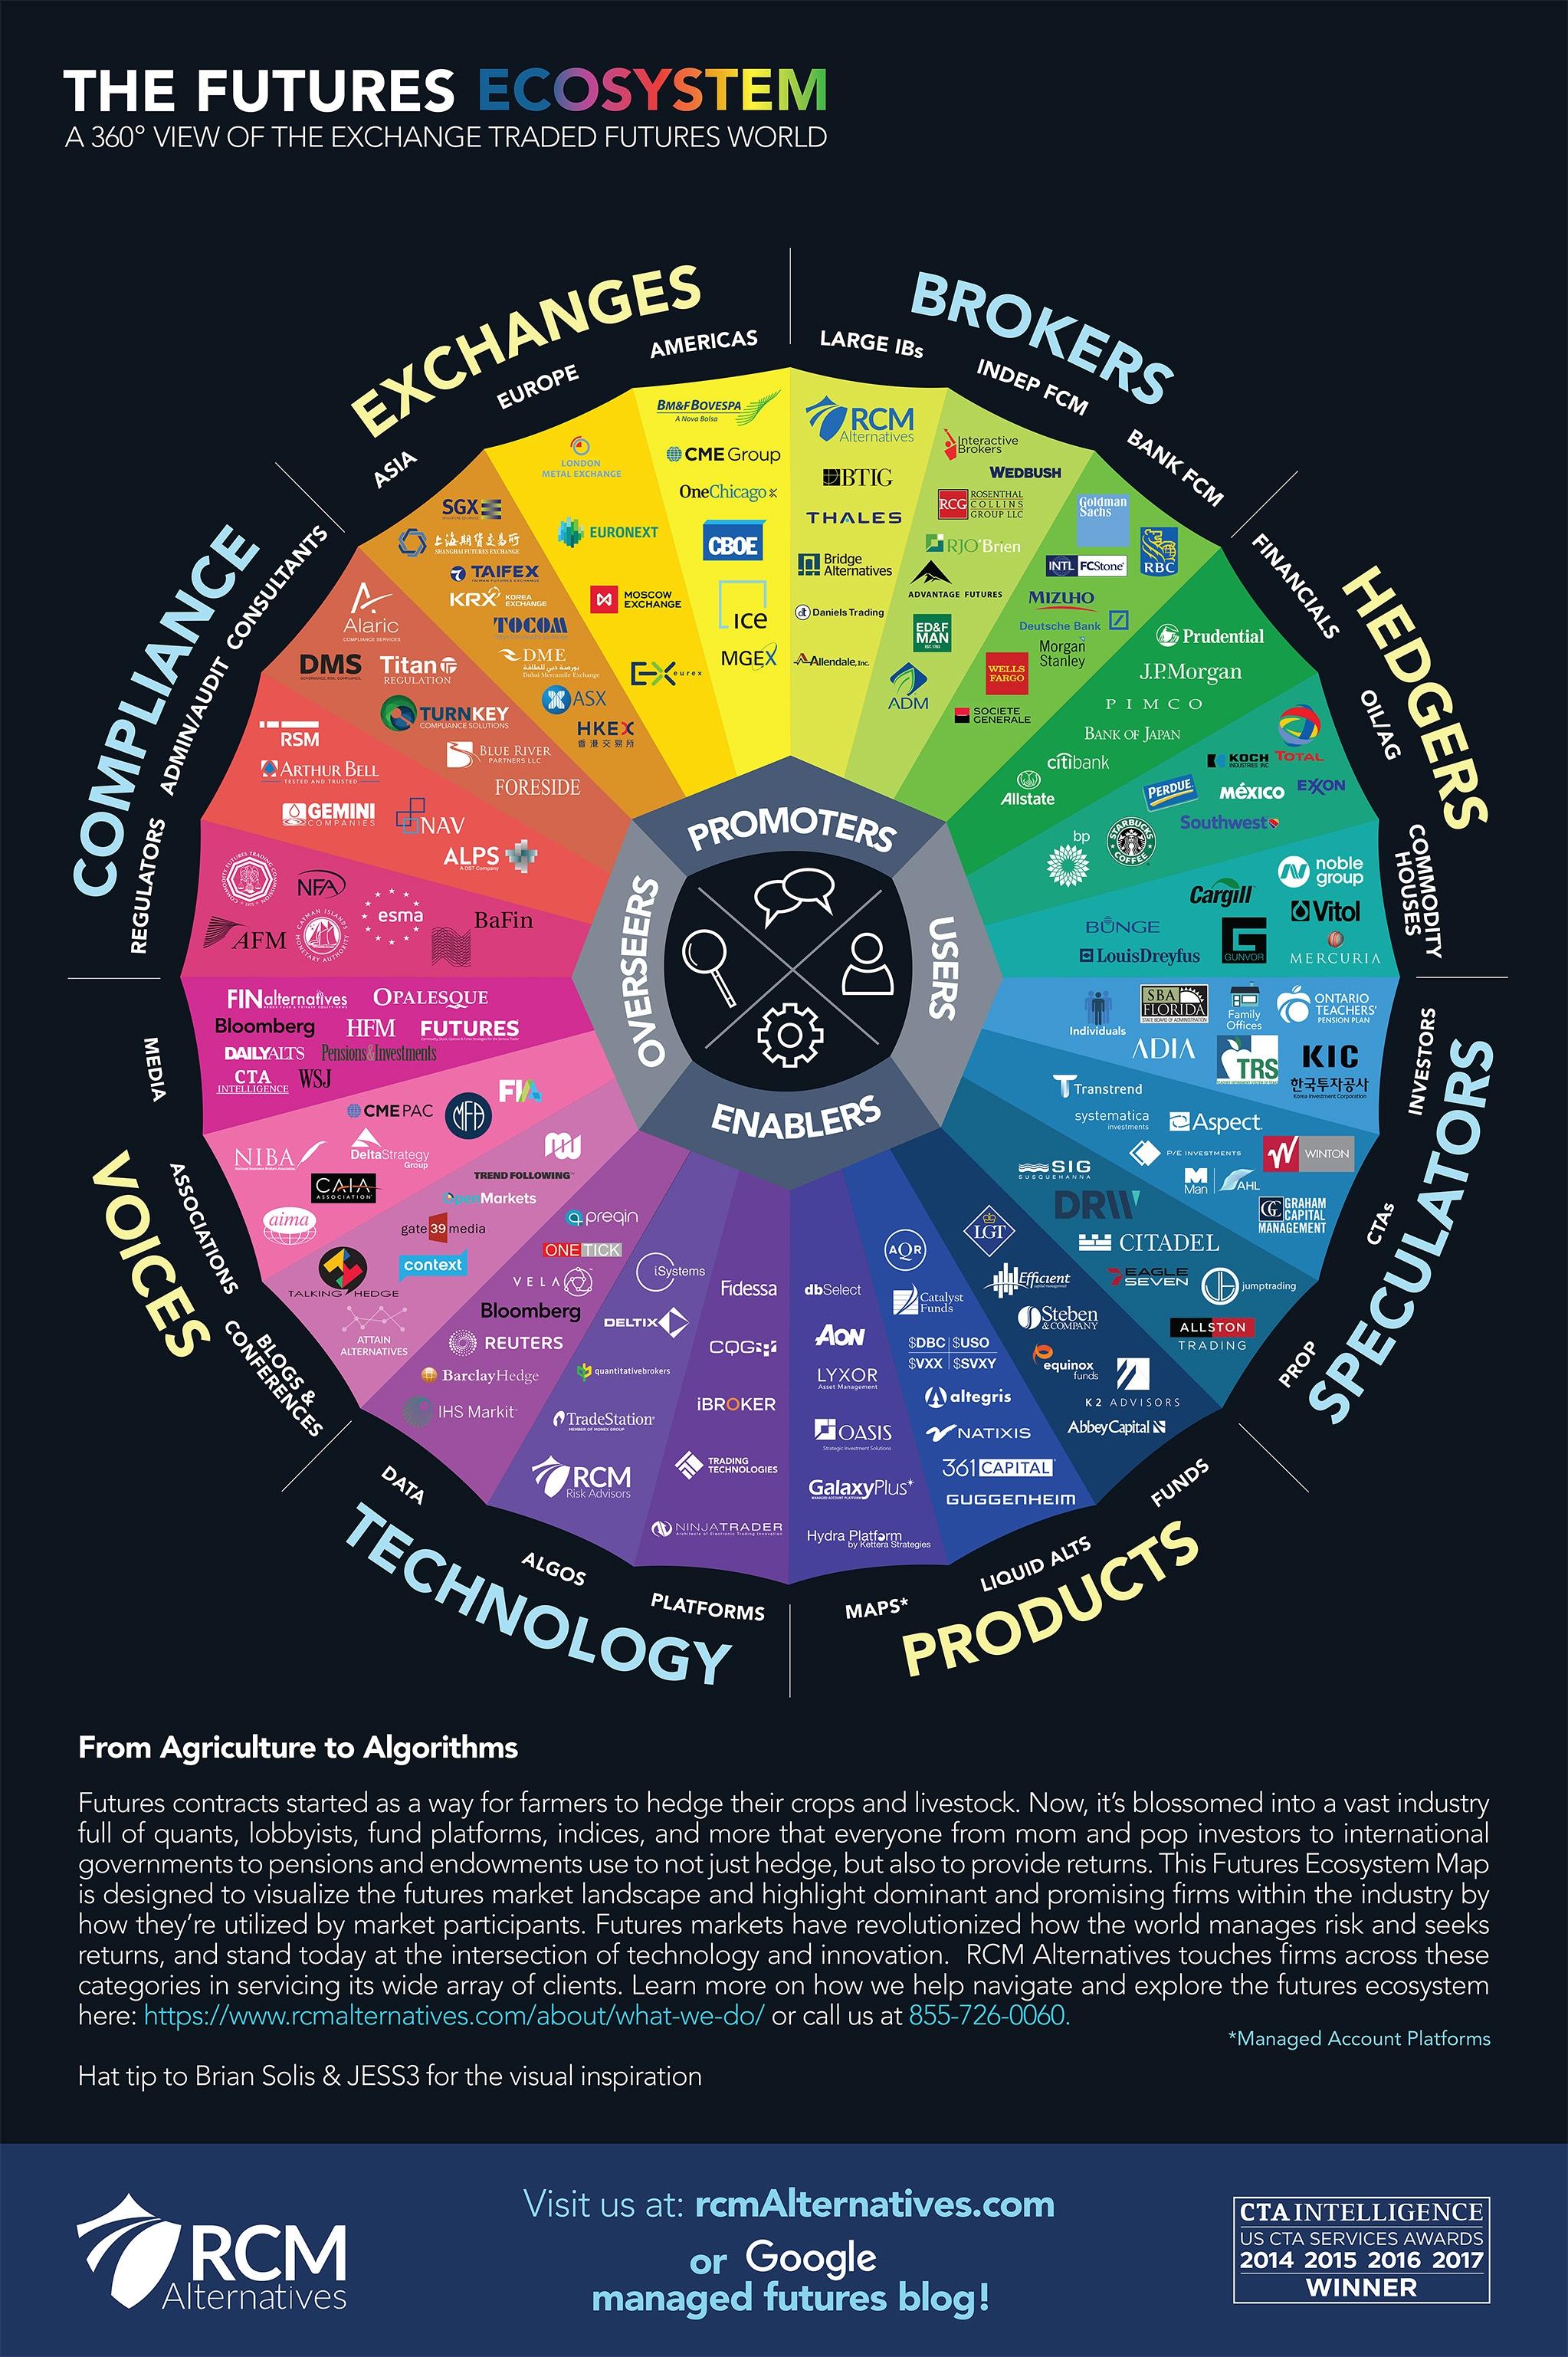 http://info.rcmalternatives.com/hubfs/Futures_Ecosystem.jpg